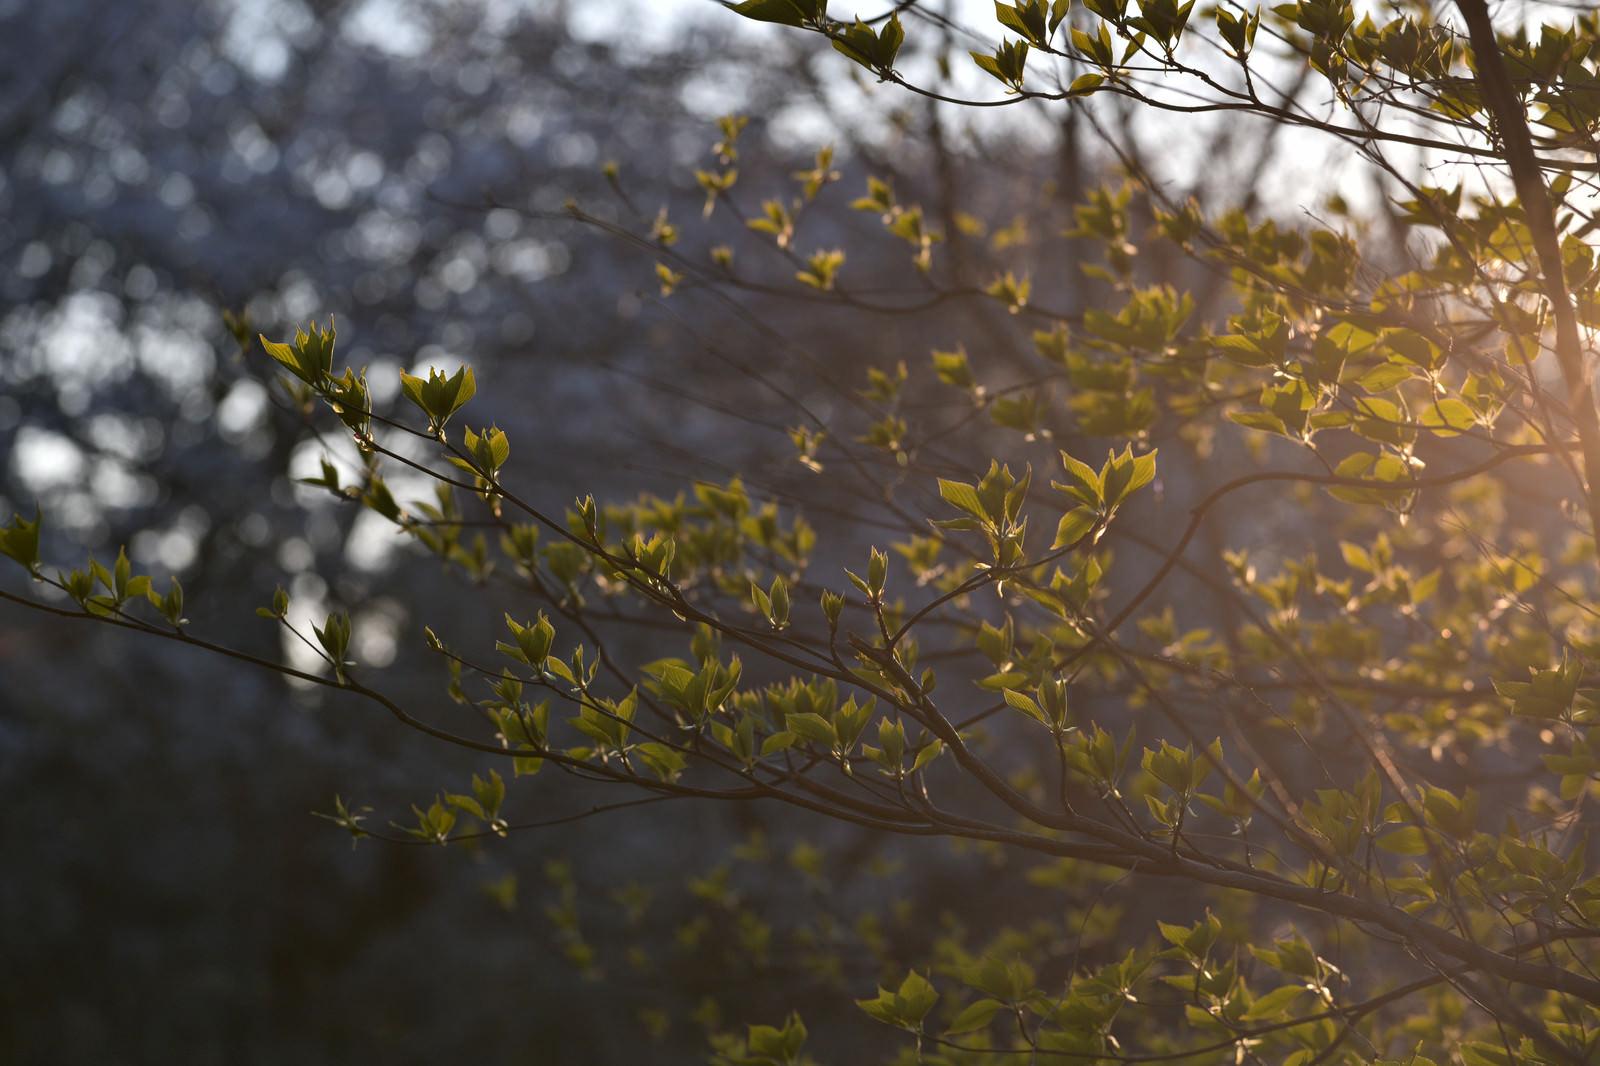 「夕日に浮かび上がる新緑の葉」の写真